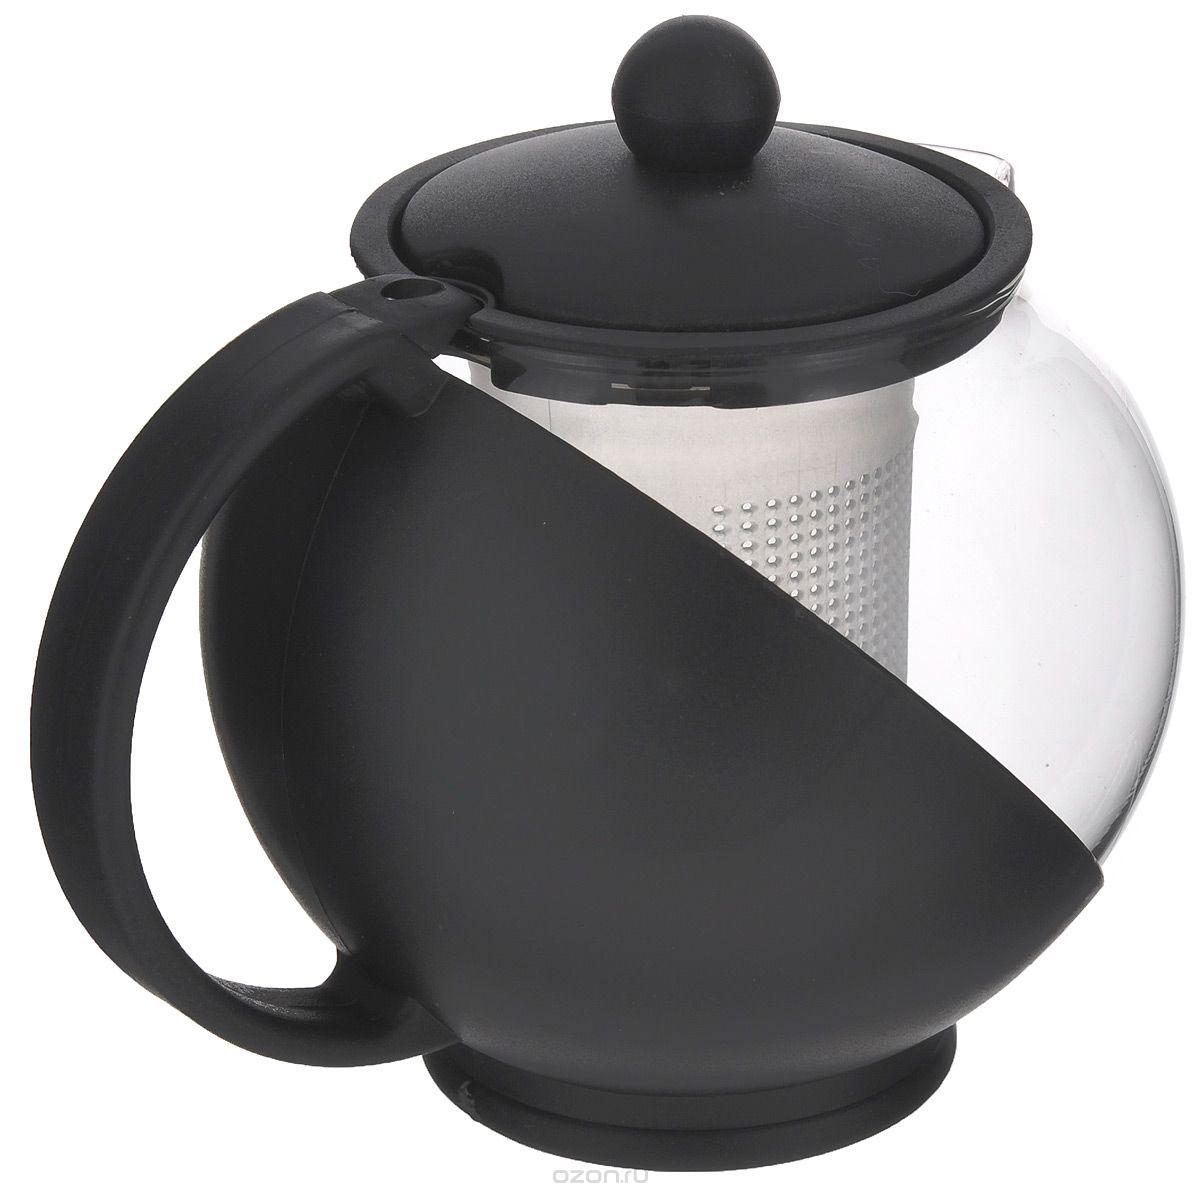 Чайник заварочный Miolla, с фильтром, цвет: черный, 500 мл. DHA020P/ADHA020P/A_черныйЗаварочный чайник Miolla изготовлен из жаропрочного стекла и термостойкого пластика. Чай в таком чайнике дольше остается горячим, а полезные и ароматические вещества полностью сохраняются в напитке. Чайник оснащен фильтром и крышкой. Простой и удобный чайник поможет вам приготовить крепкий, ароматный чай. Разборная конструкция обеспечивает легкий уход. Нельзя мыть в посудомоечной машине. Не использовать в микроволновой печи. Диаметр чайника (по верхнему краю): 6,2 см. Высота чайника (без учета крышки): 10 см. Высота фильтра: 7,5 см.